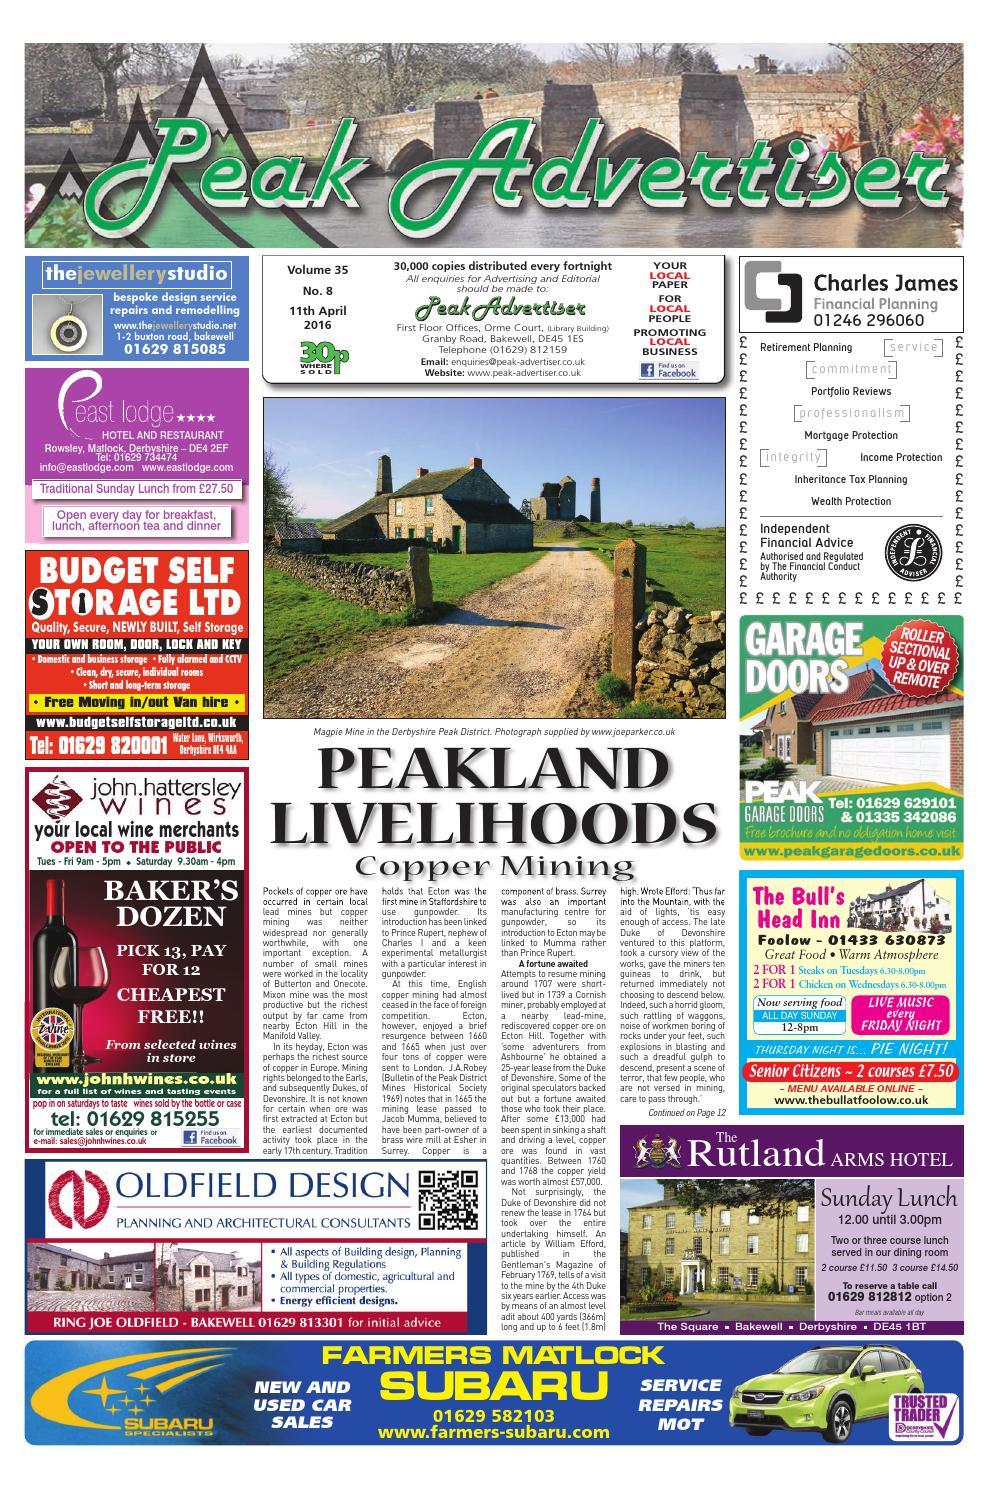 38bd93ba3 The Peak Advertiser 11.4.16 by Peak Advertiser - issuu